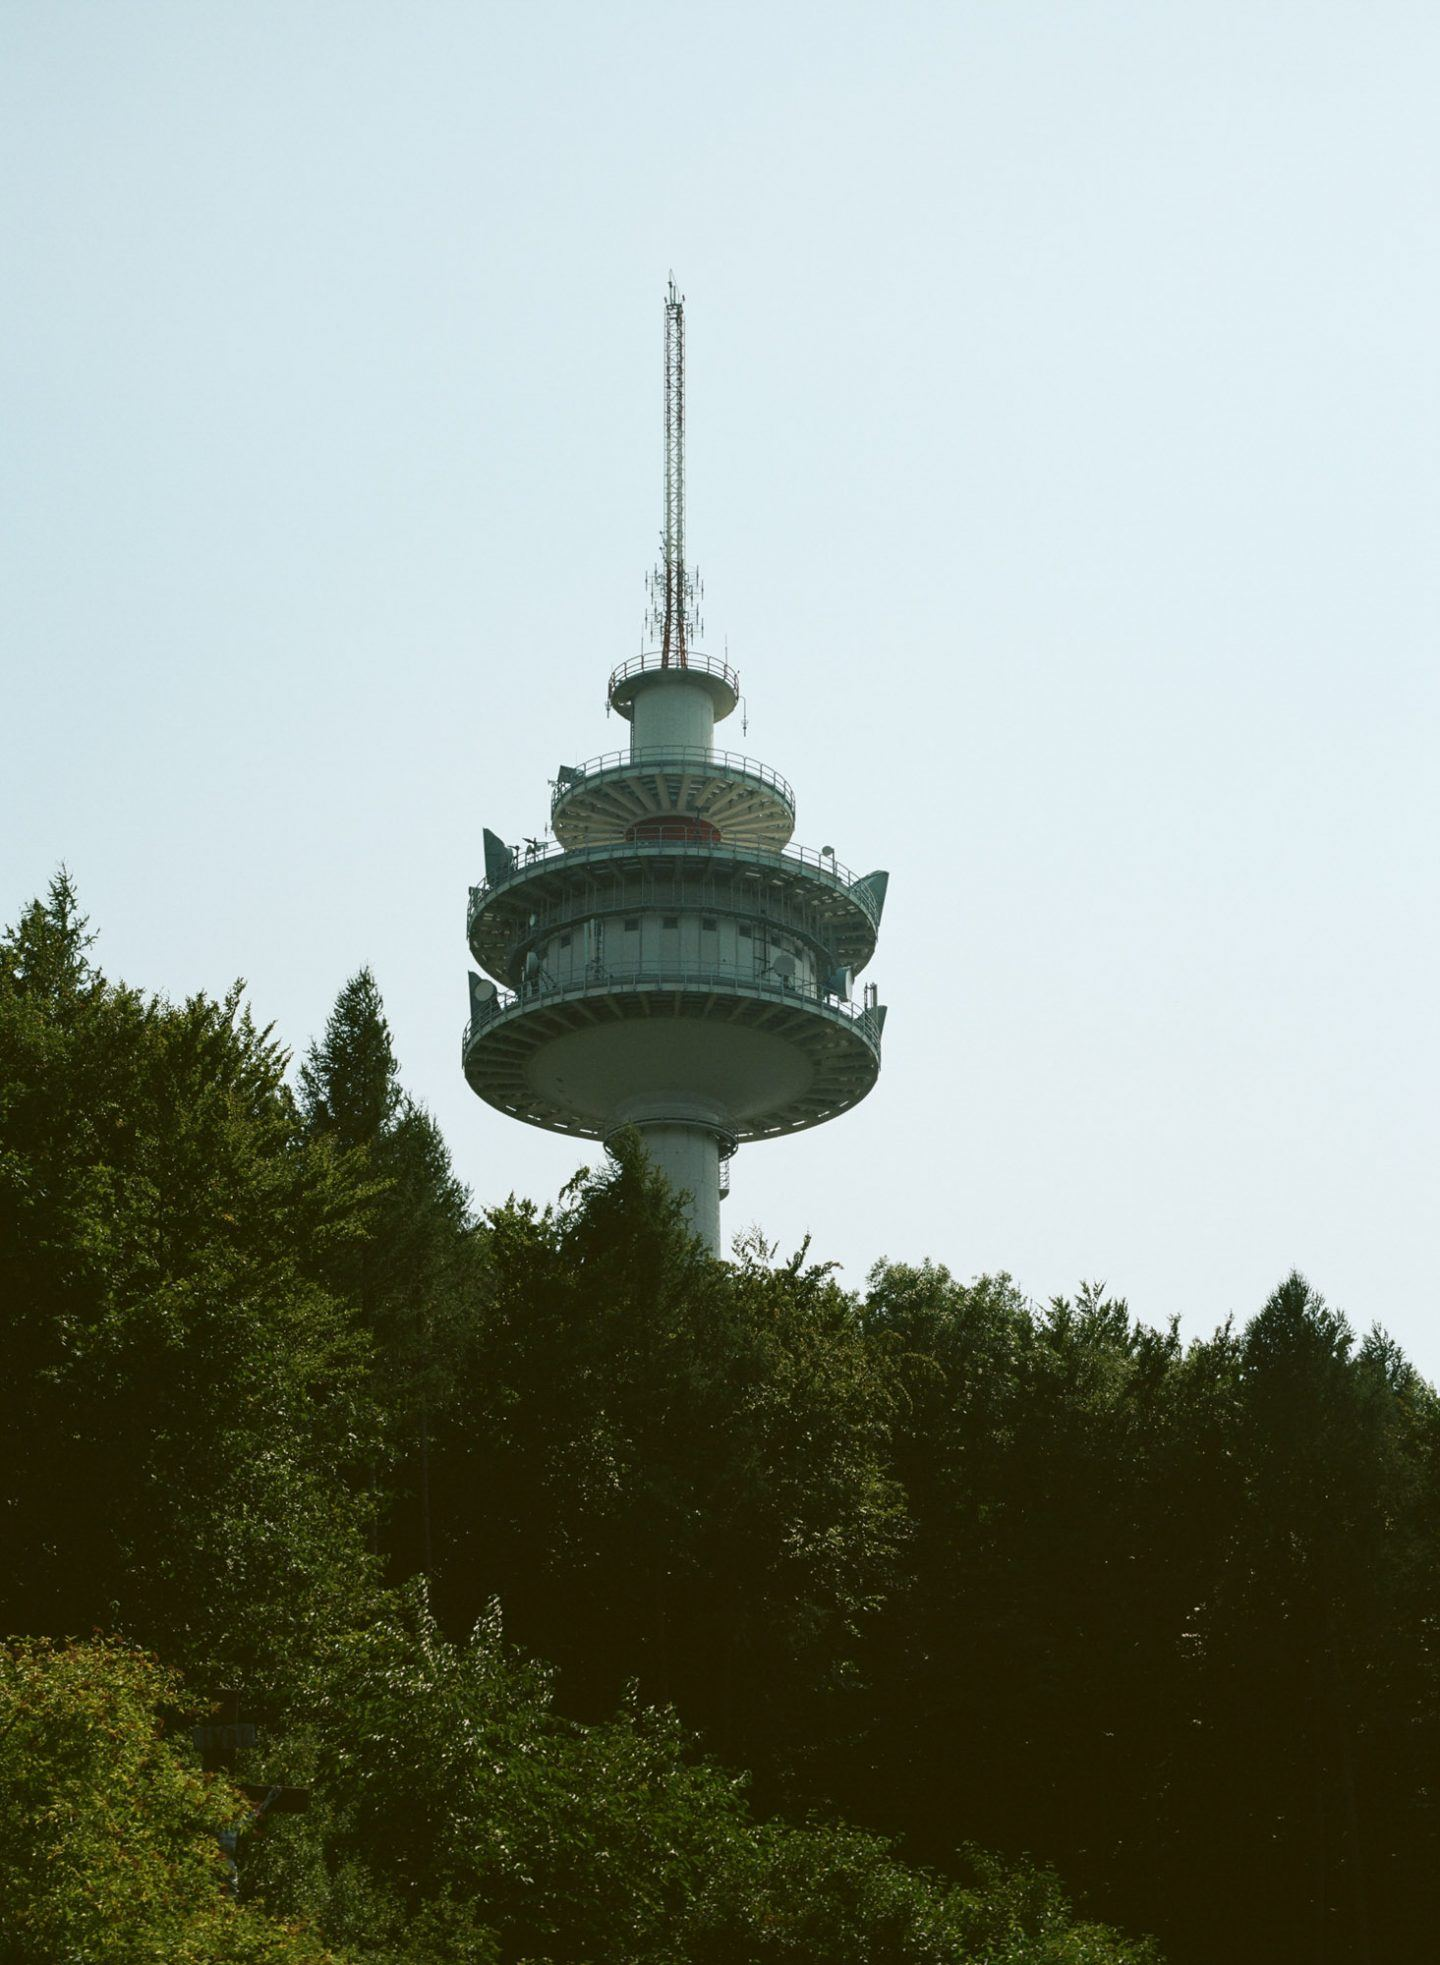 ignant-24hours-daniel-gebhardt-de-koekkoek-3327-15